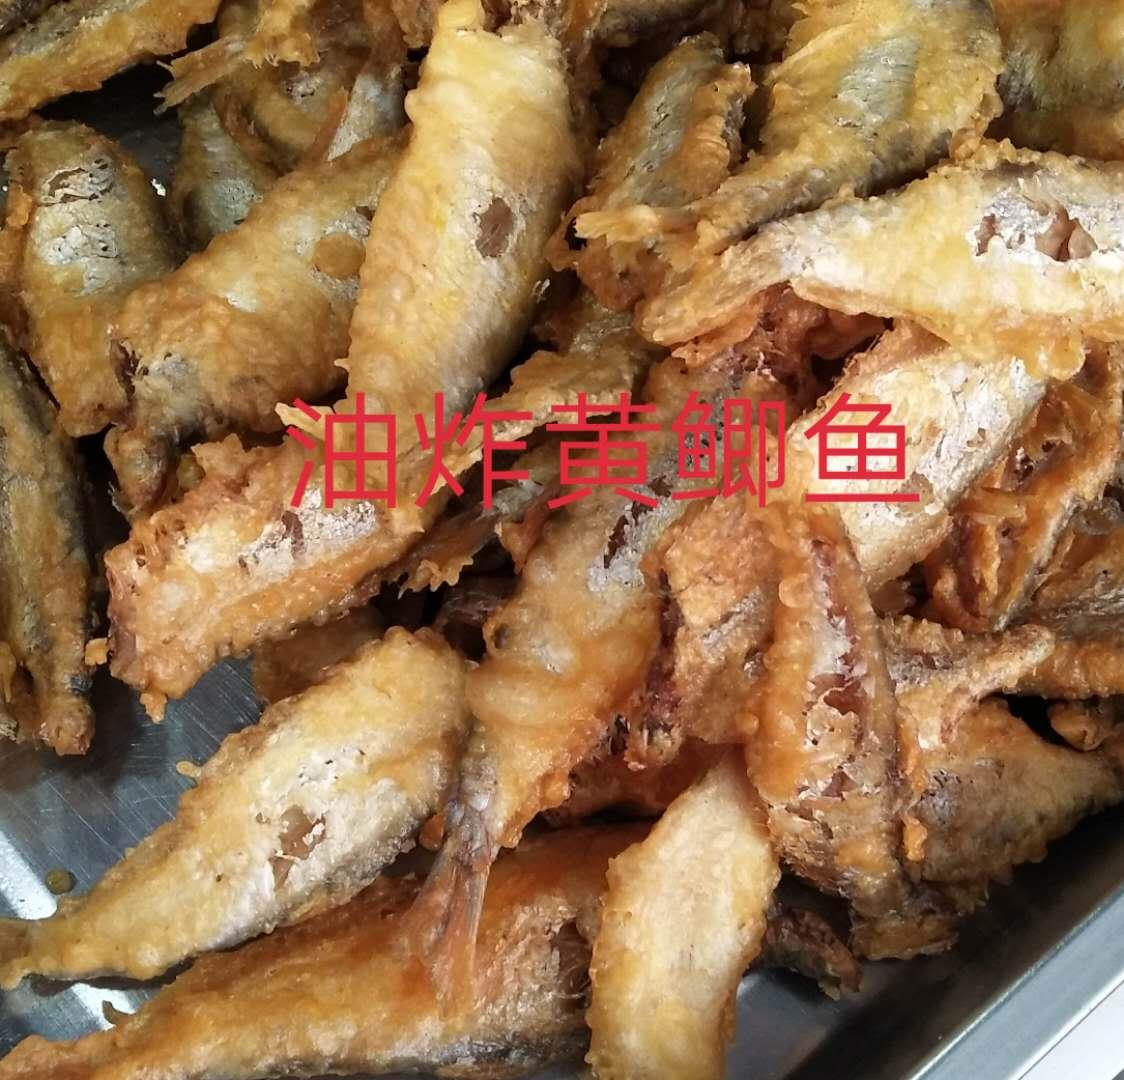 赣榆黄鲫子鱼当天现炸黄鲫鱼油扣鱼黄尖鱼烤子鱼海鲜新鲜货250克